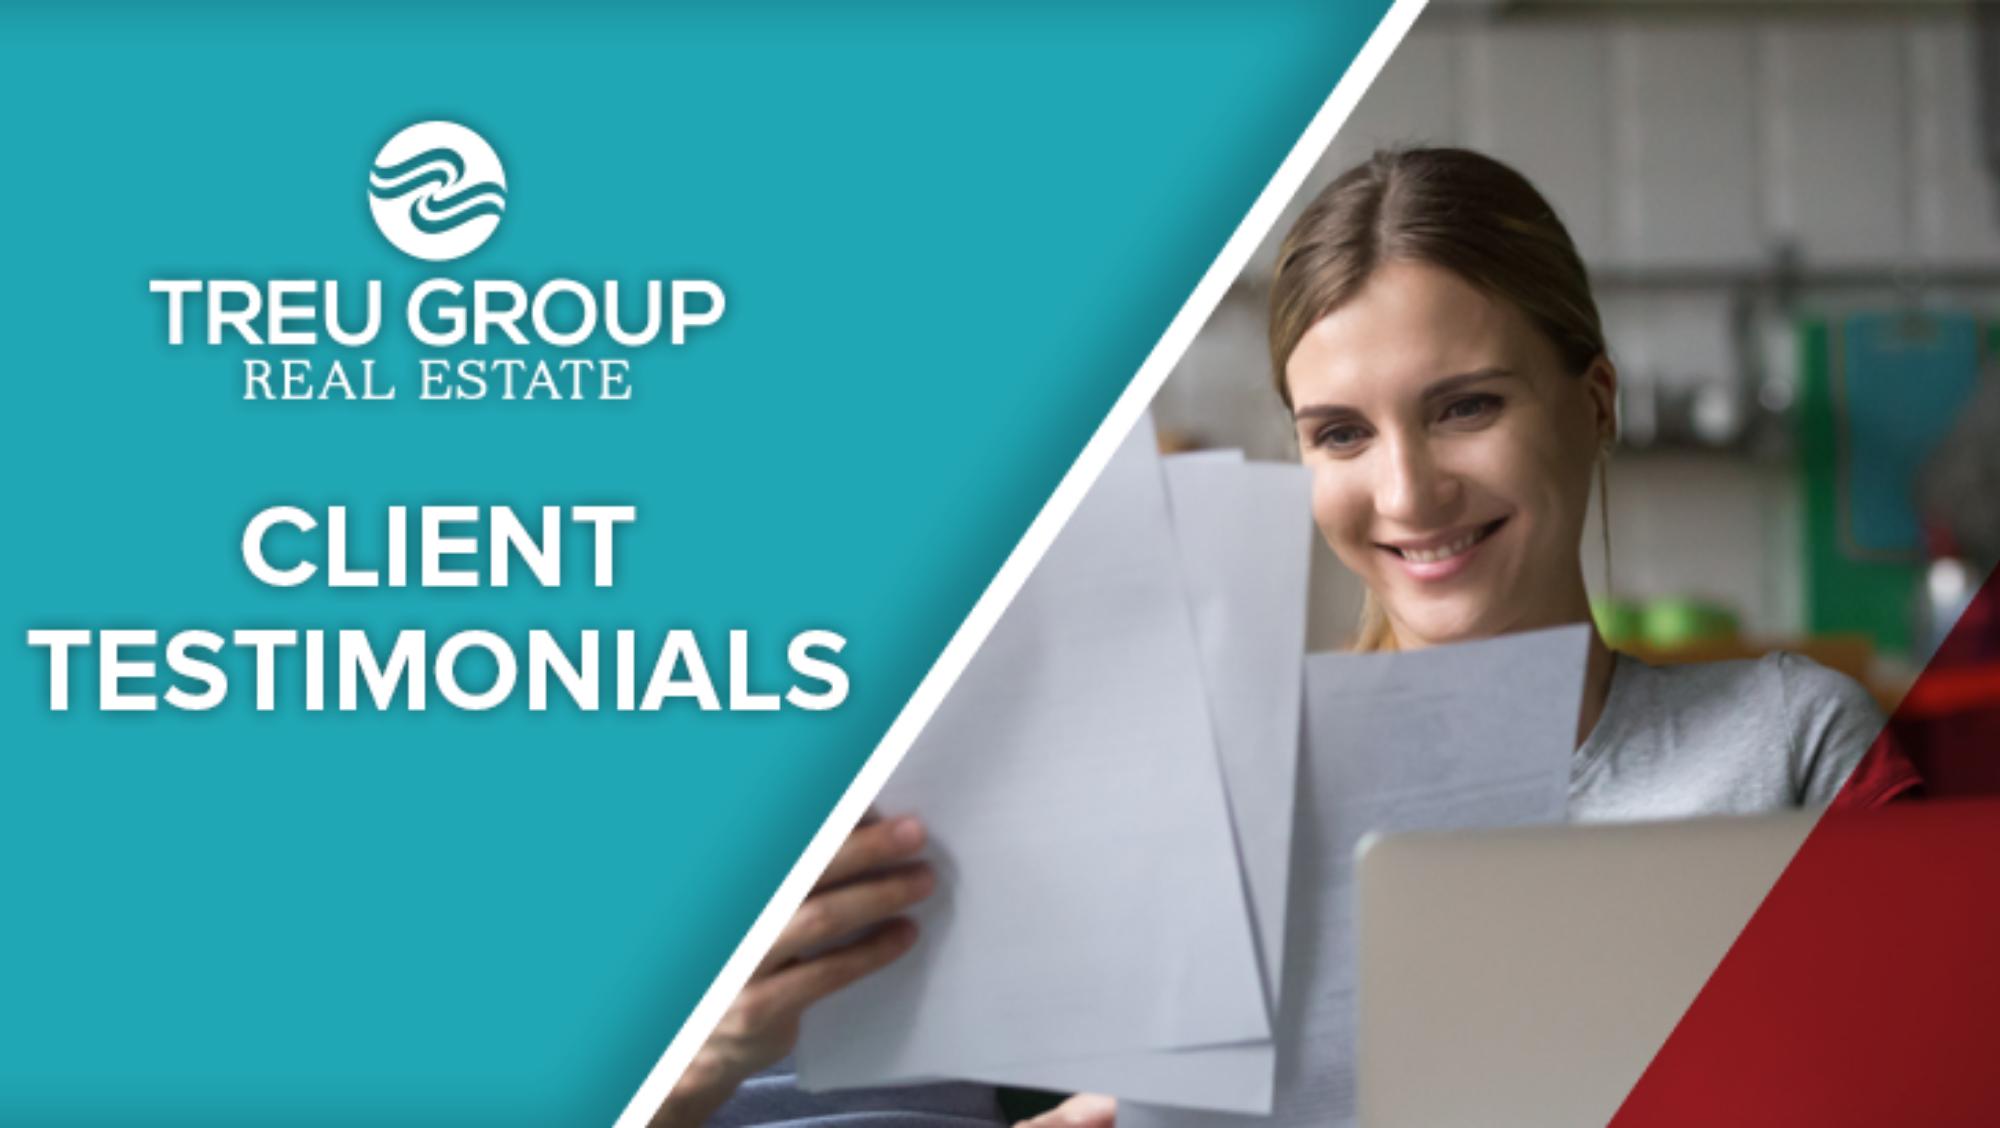 Treu Group Client Testimonials